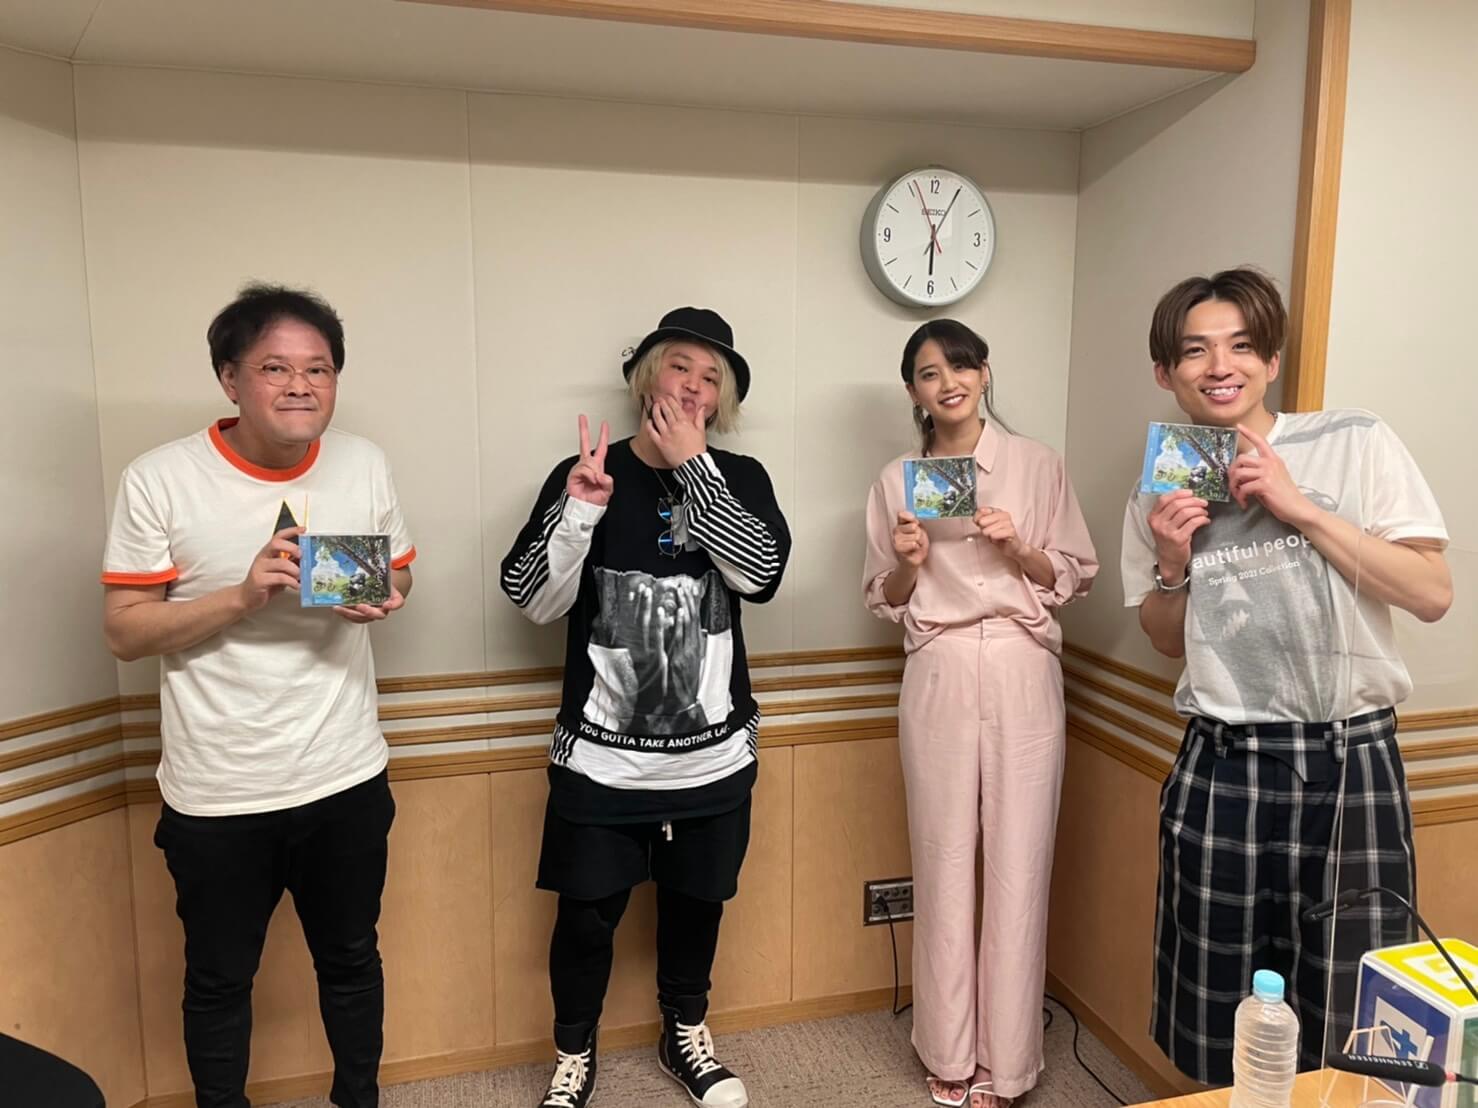 8月1日のゲストはsaji・ボーカルのヨシダタクミさんが登場!ダイエット大成功とリバウンドで気づいたのは・・?『アインシュタイン・山崎紘菜 Heat&Heart!』